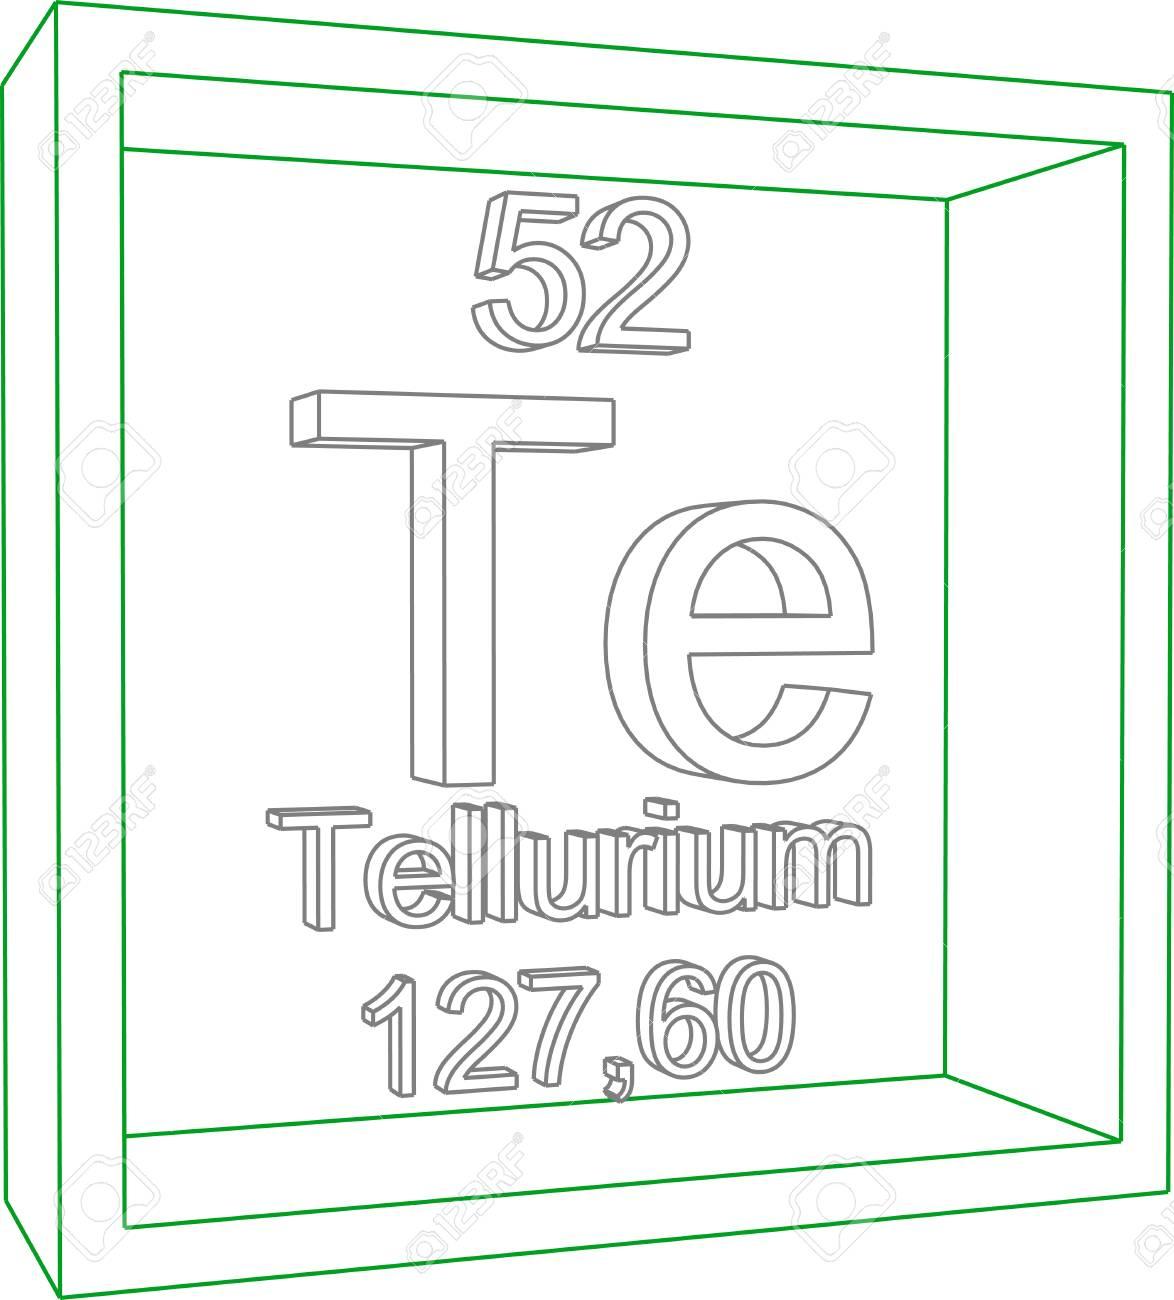 Tabla peridica de los elementos telurio ilustraciones vectoriales foto de archivo tabla peridica de los elementos telurio urtaz Gallery